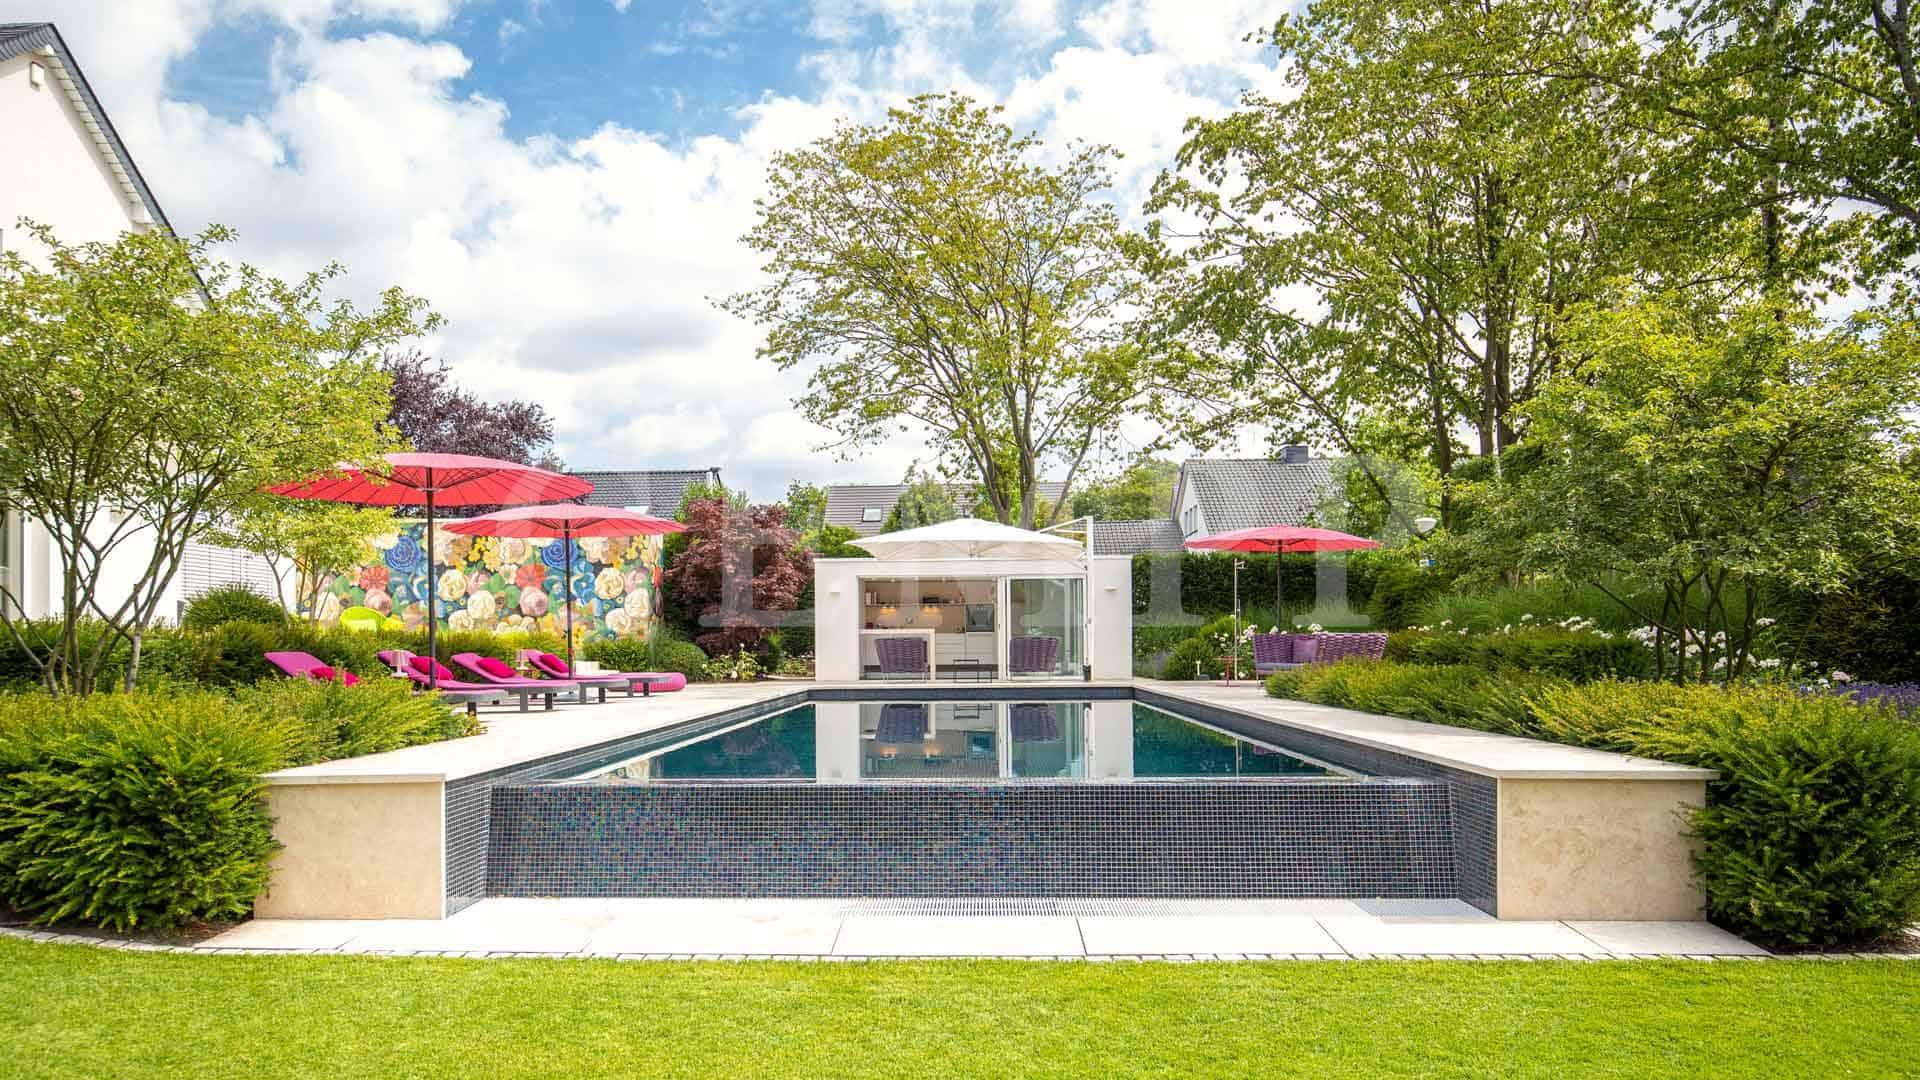 Stadtvilla-Garten mit Infinity-Swimmingpool / Dortmund / Nordrhein-Westfalen